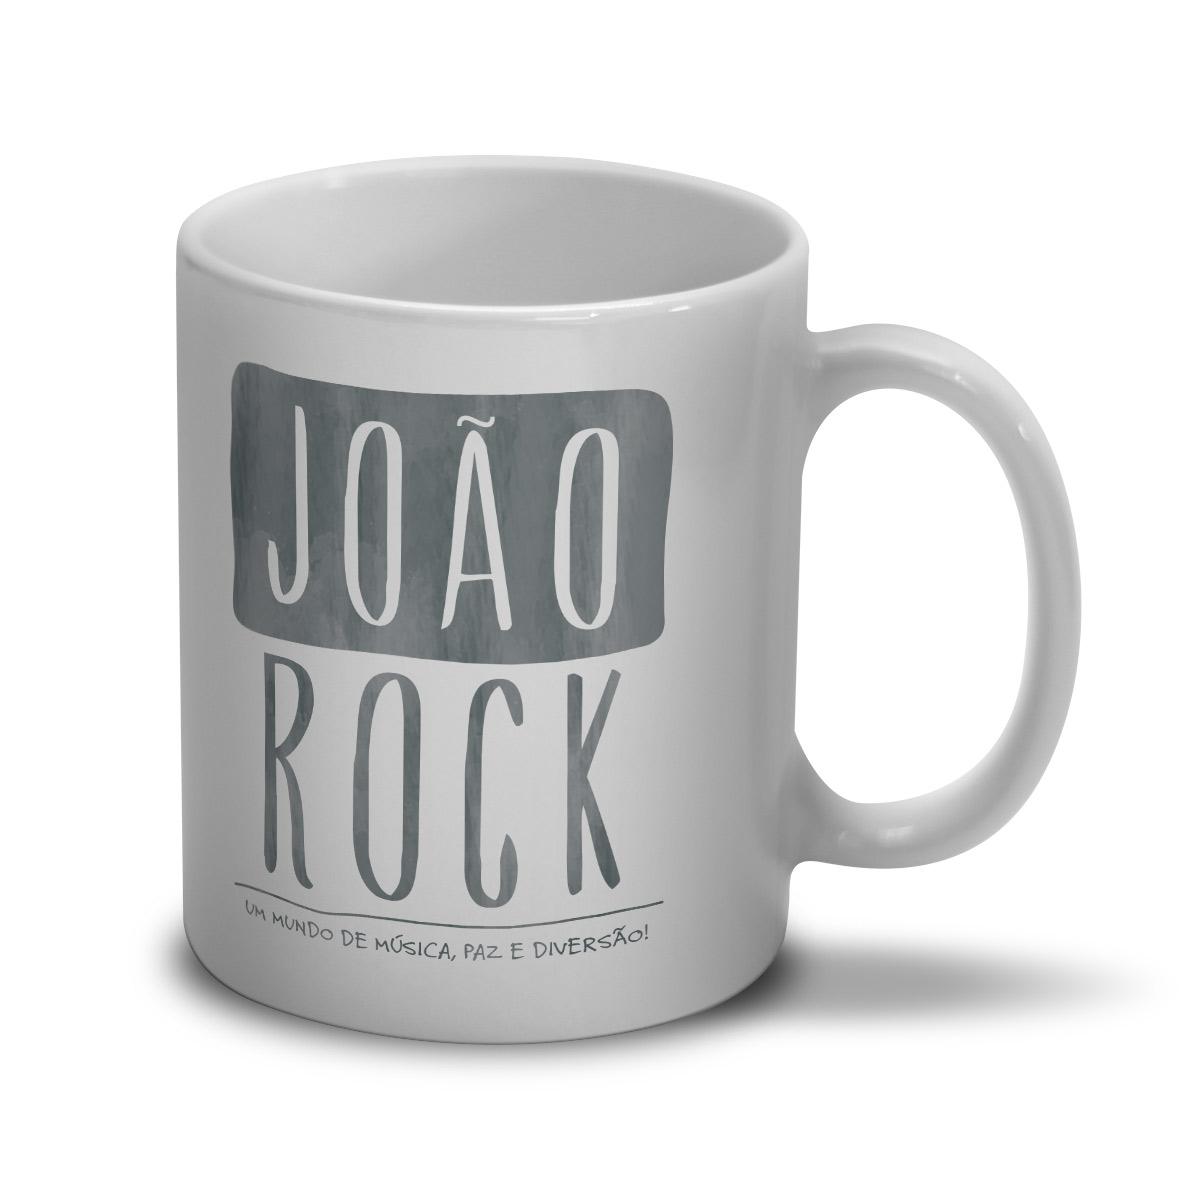 Caneca João Rock Um Mundo de Música